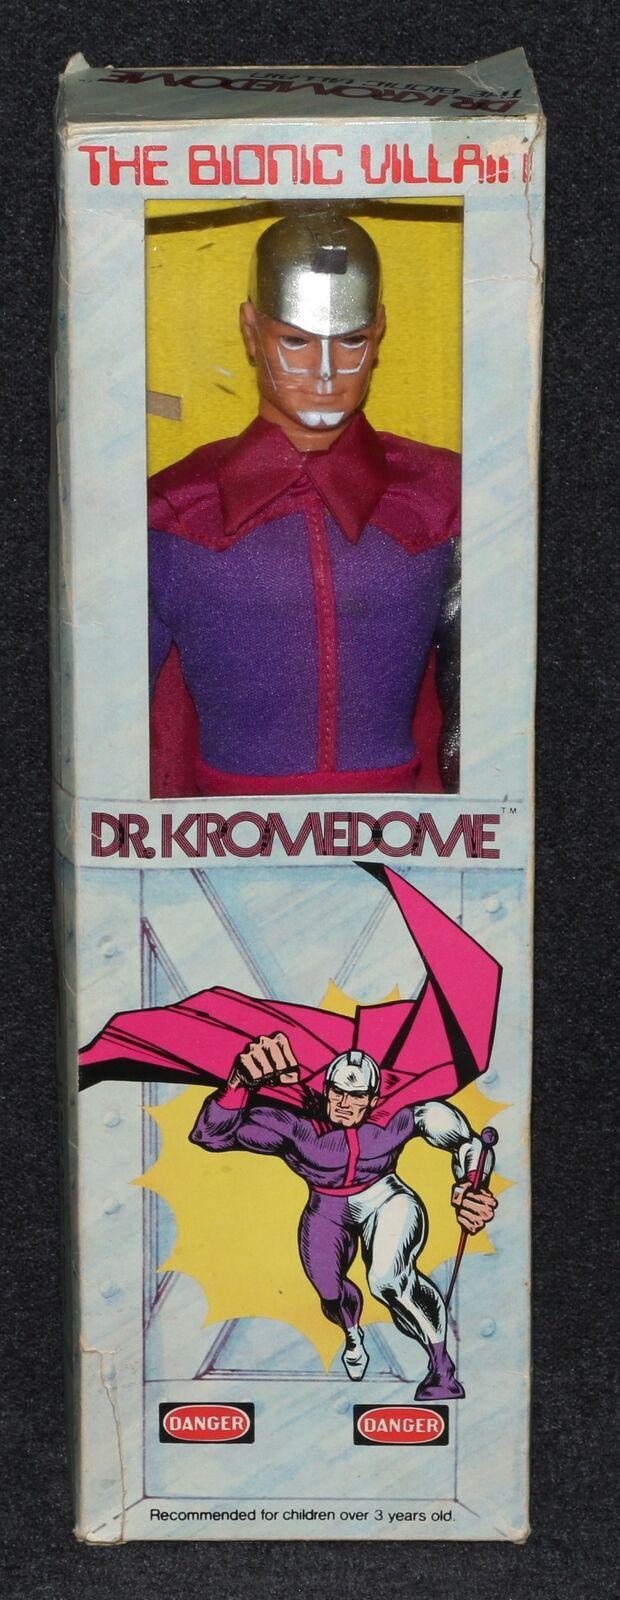 están haciendo actividades de descuento Six Million Dollar Man 1975 1975 1975 Mego kromedome Bionic Villano Montgomery Ward Menta en caja  garantía de crédito